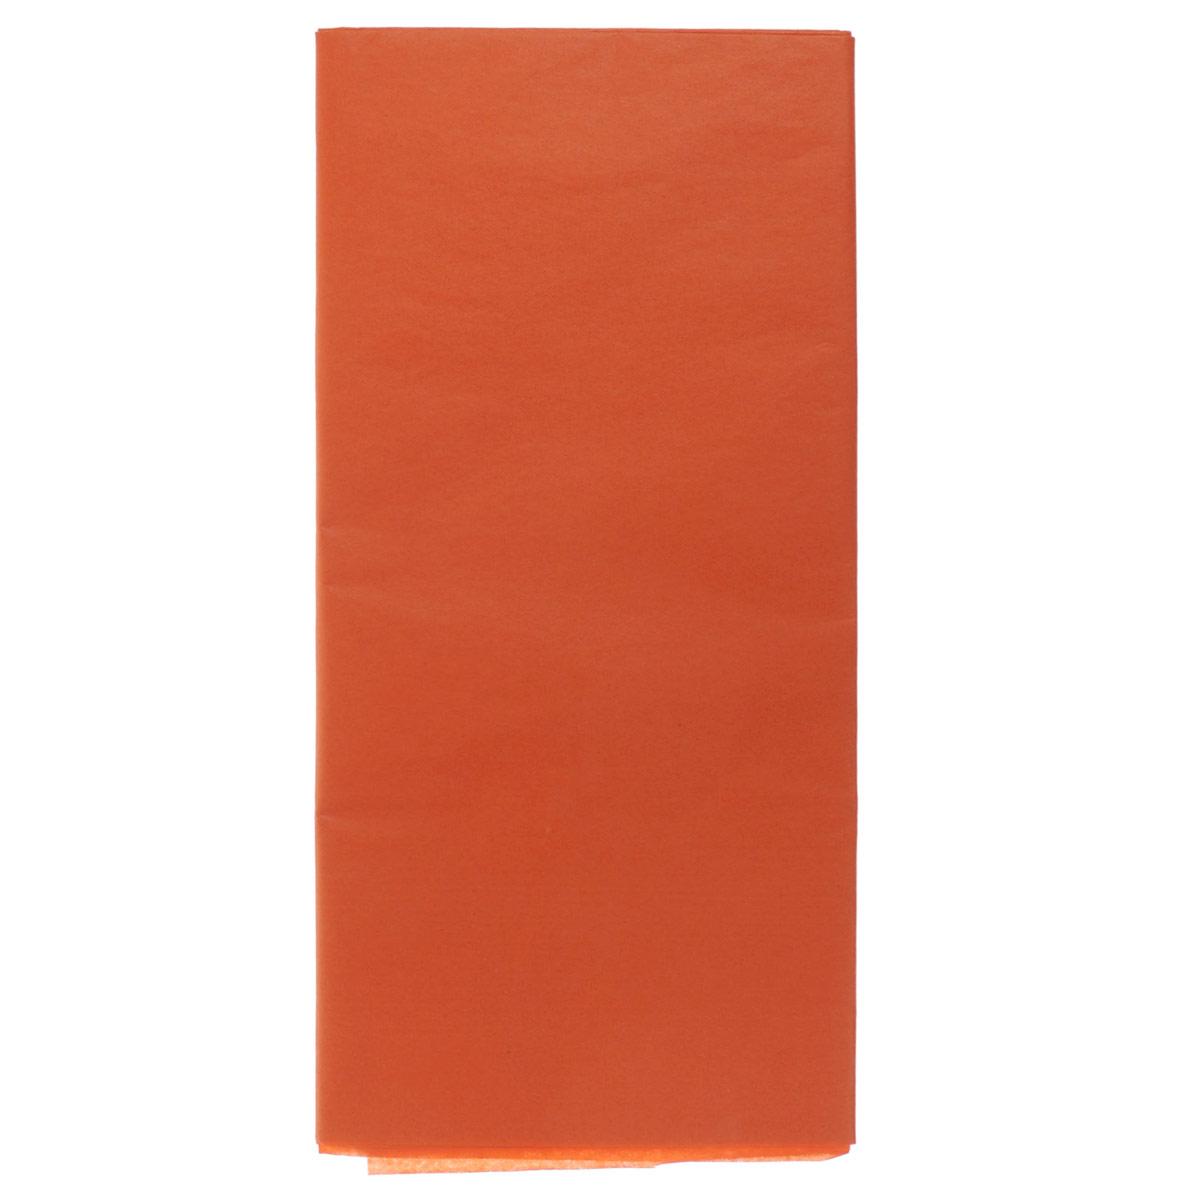 Бумага папиросная Folia, цвет: оранжевый (40), 50 см х 70 см, 5 листов. 7708123_40SS 4041Бумага папиросная Folia - это великолепная тонкая и эластичная декоративная бумага. Такая бумага очень хороша для изготовления своими руками цветов и букетов с конфетами, топиариев, декорирования праздничных мероприятий. Также из нее получается шикарная упаковка для подарков. Интересный эффект дает сочетание мягкой полупрозрачной фактуры папиросной бумаги с жатыми и матовыми фактурами: креп-бумагой, тутовой и различными видами картона. Бумага очень тонкая, полупрозрачная - поэтому ее можно оригинально использовать в декоре стекла, светильников и гирлянд. Достаточно большие размеры листа и богатая цветовая палитра дают простор вашей творческой фантазии. Размер листа: 50 см х 70 см.Плотность: 20 г/м2.